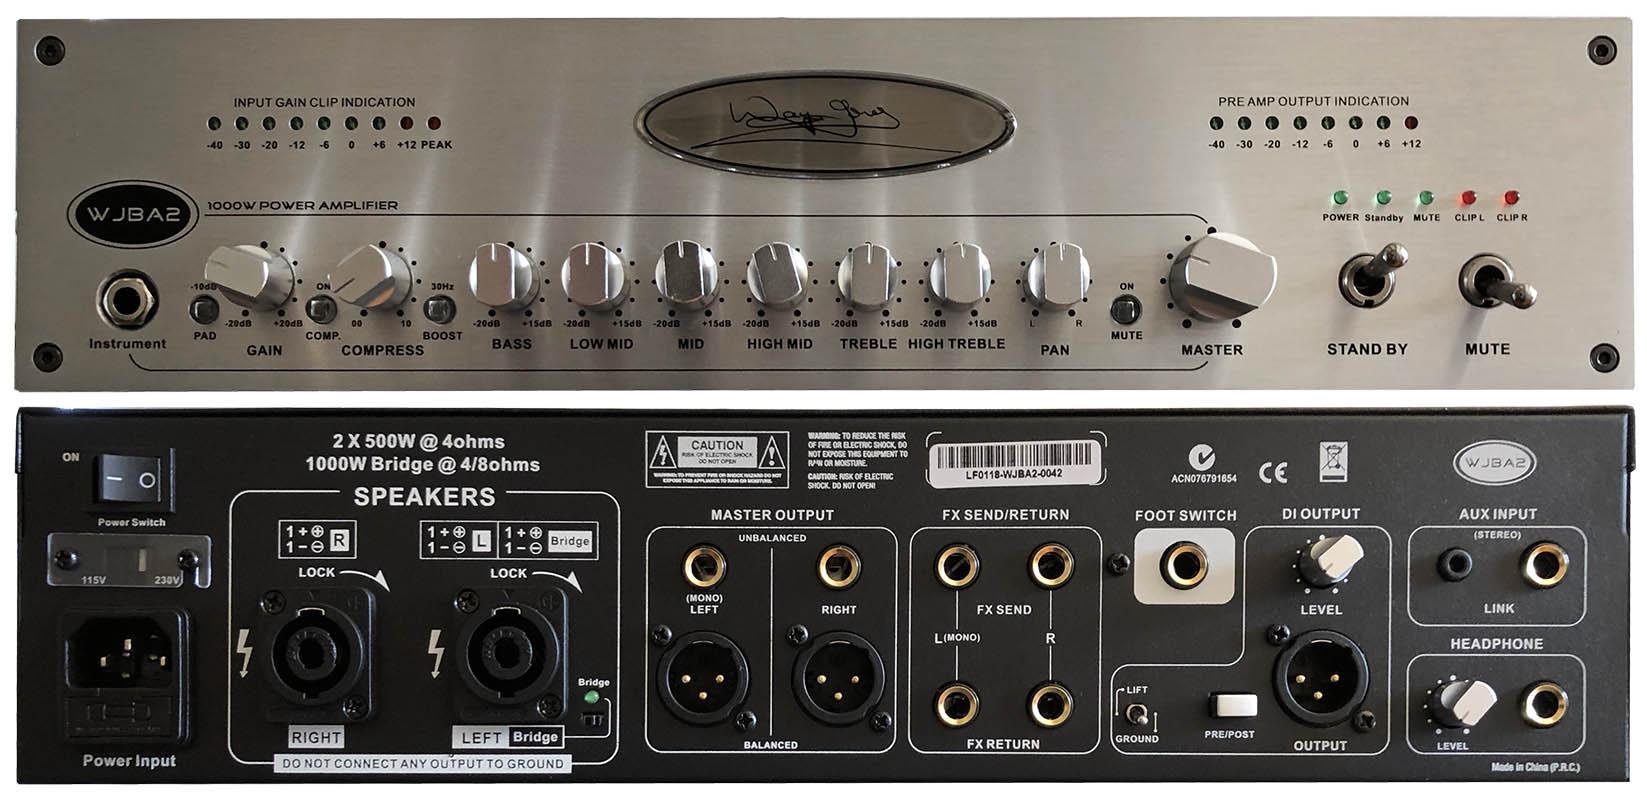 WJBA2 1000 Watt Bass Guitar Amplifier